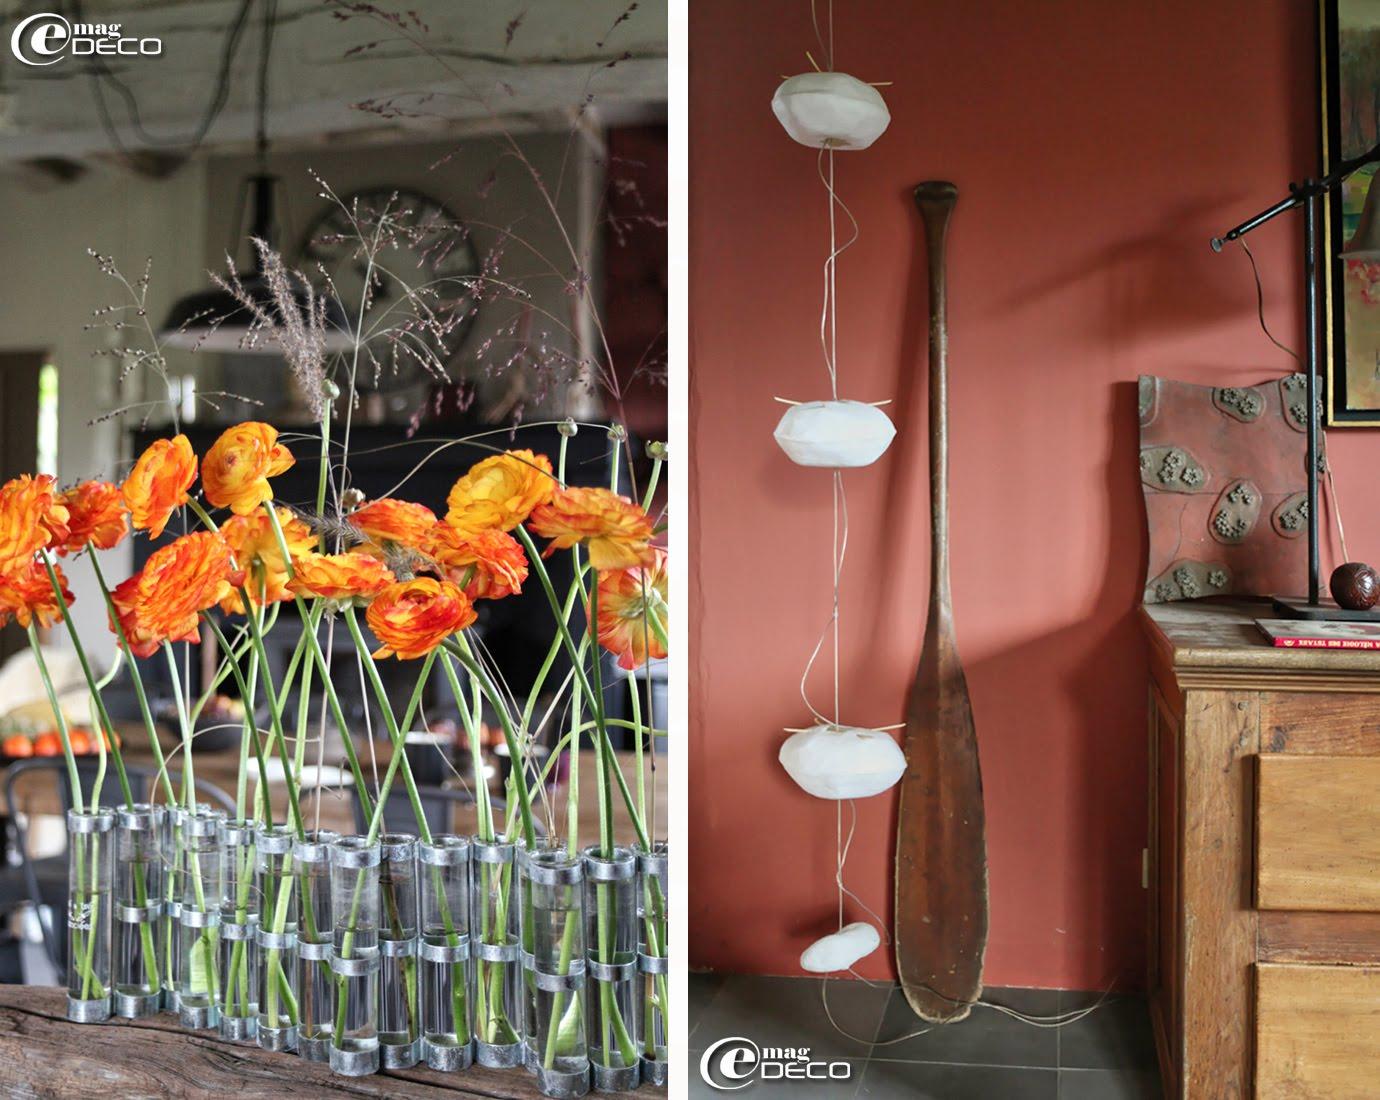 Vase d'avril créé par Tsé & Tsé et suspension Courant d'air composée de quatre cocons lumineux en papier japonais, création Céline Wright